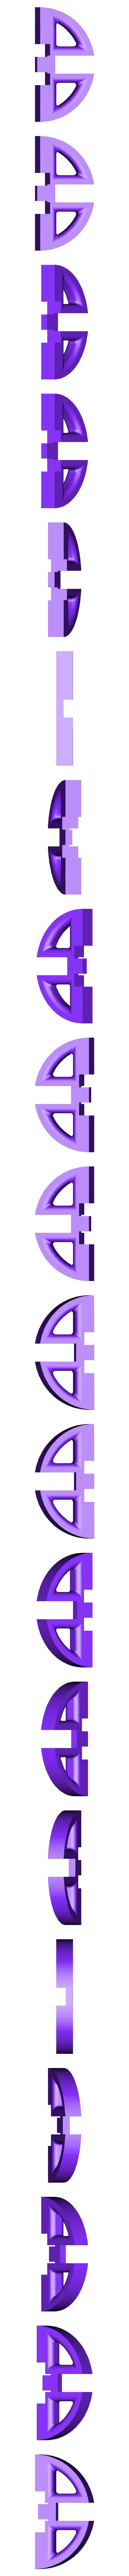 B.stl Télécharger fichier STL gratuit Puzzle Saturnus • Objet à imprimer en 3D, mtairymd